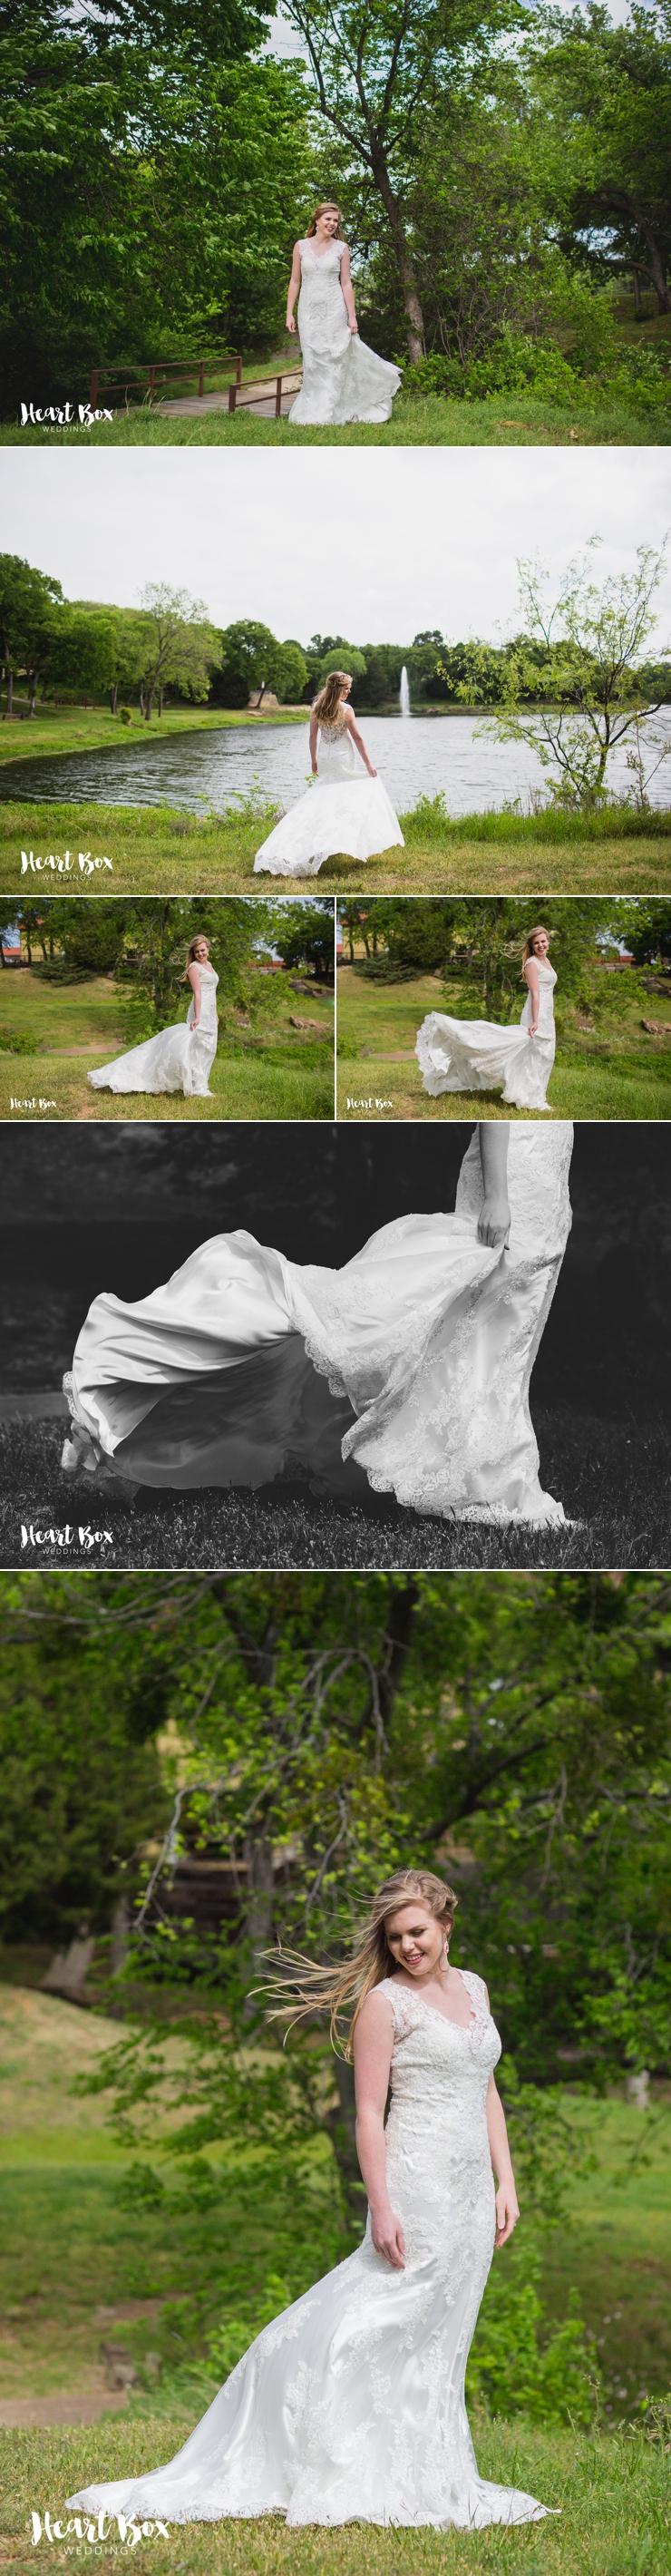 Sterling Bridal Blog Collages 3.jpg